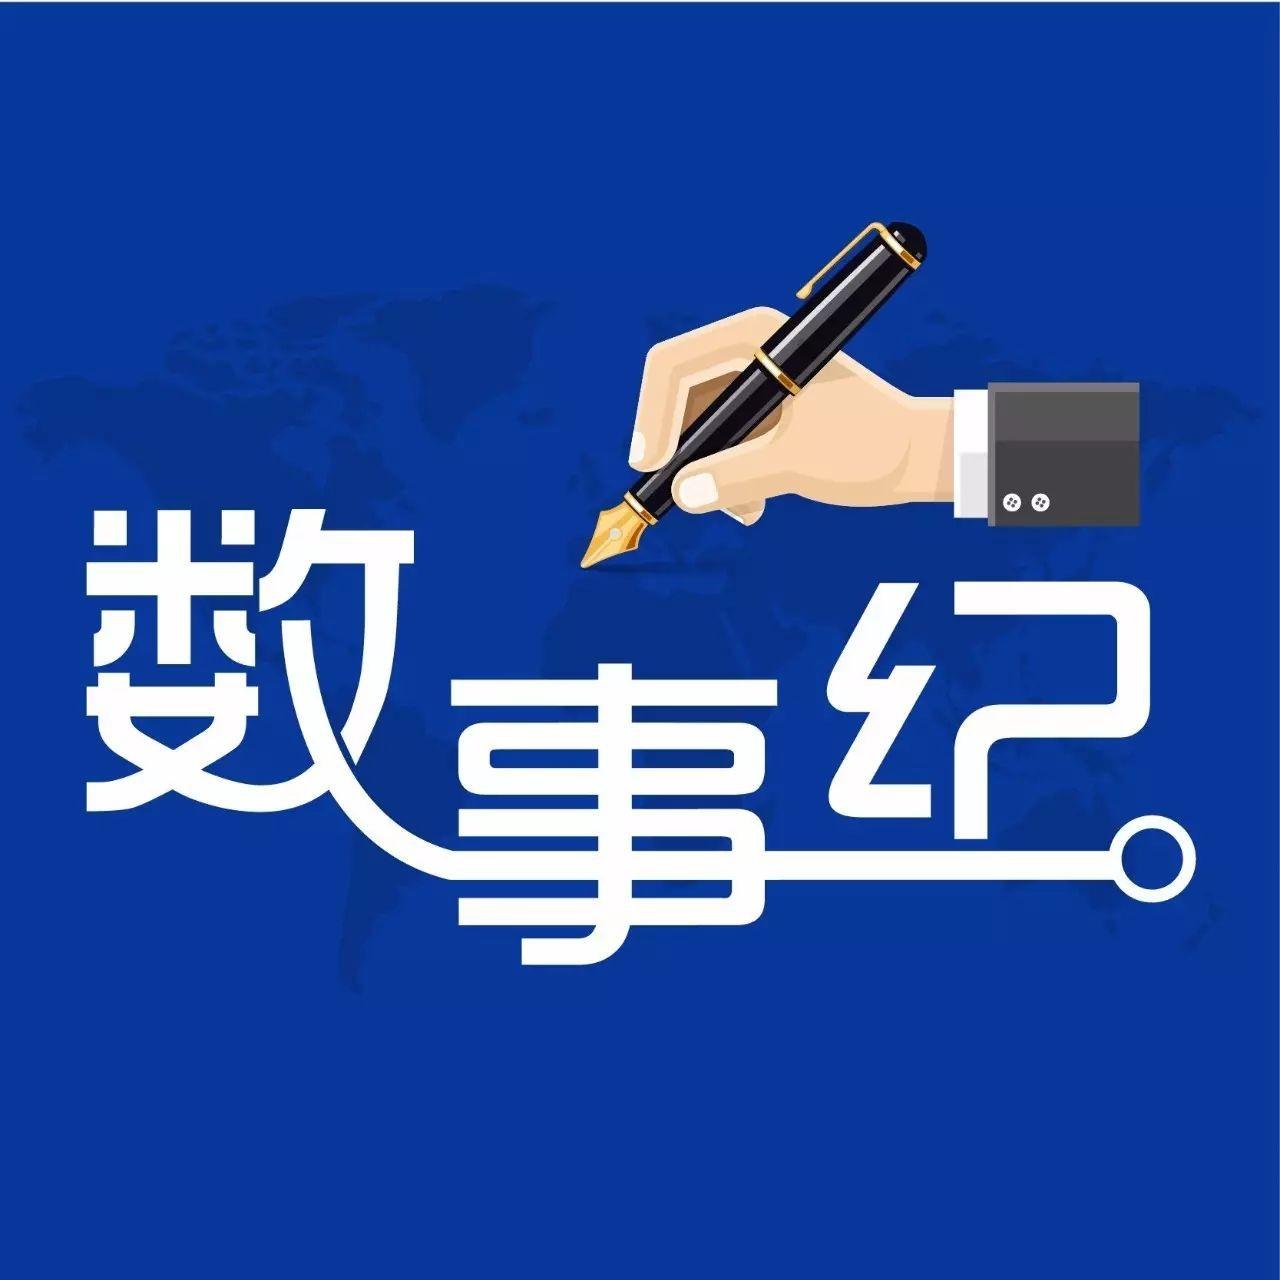 """易观方舟荣获""""2018艾奇奖产品创新奖"""""""